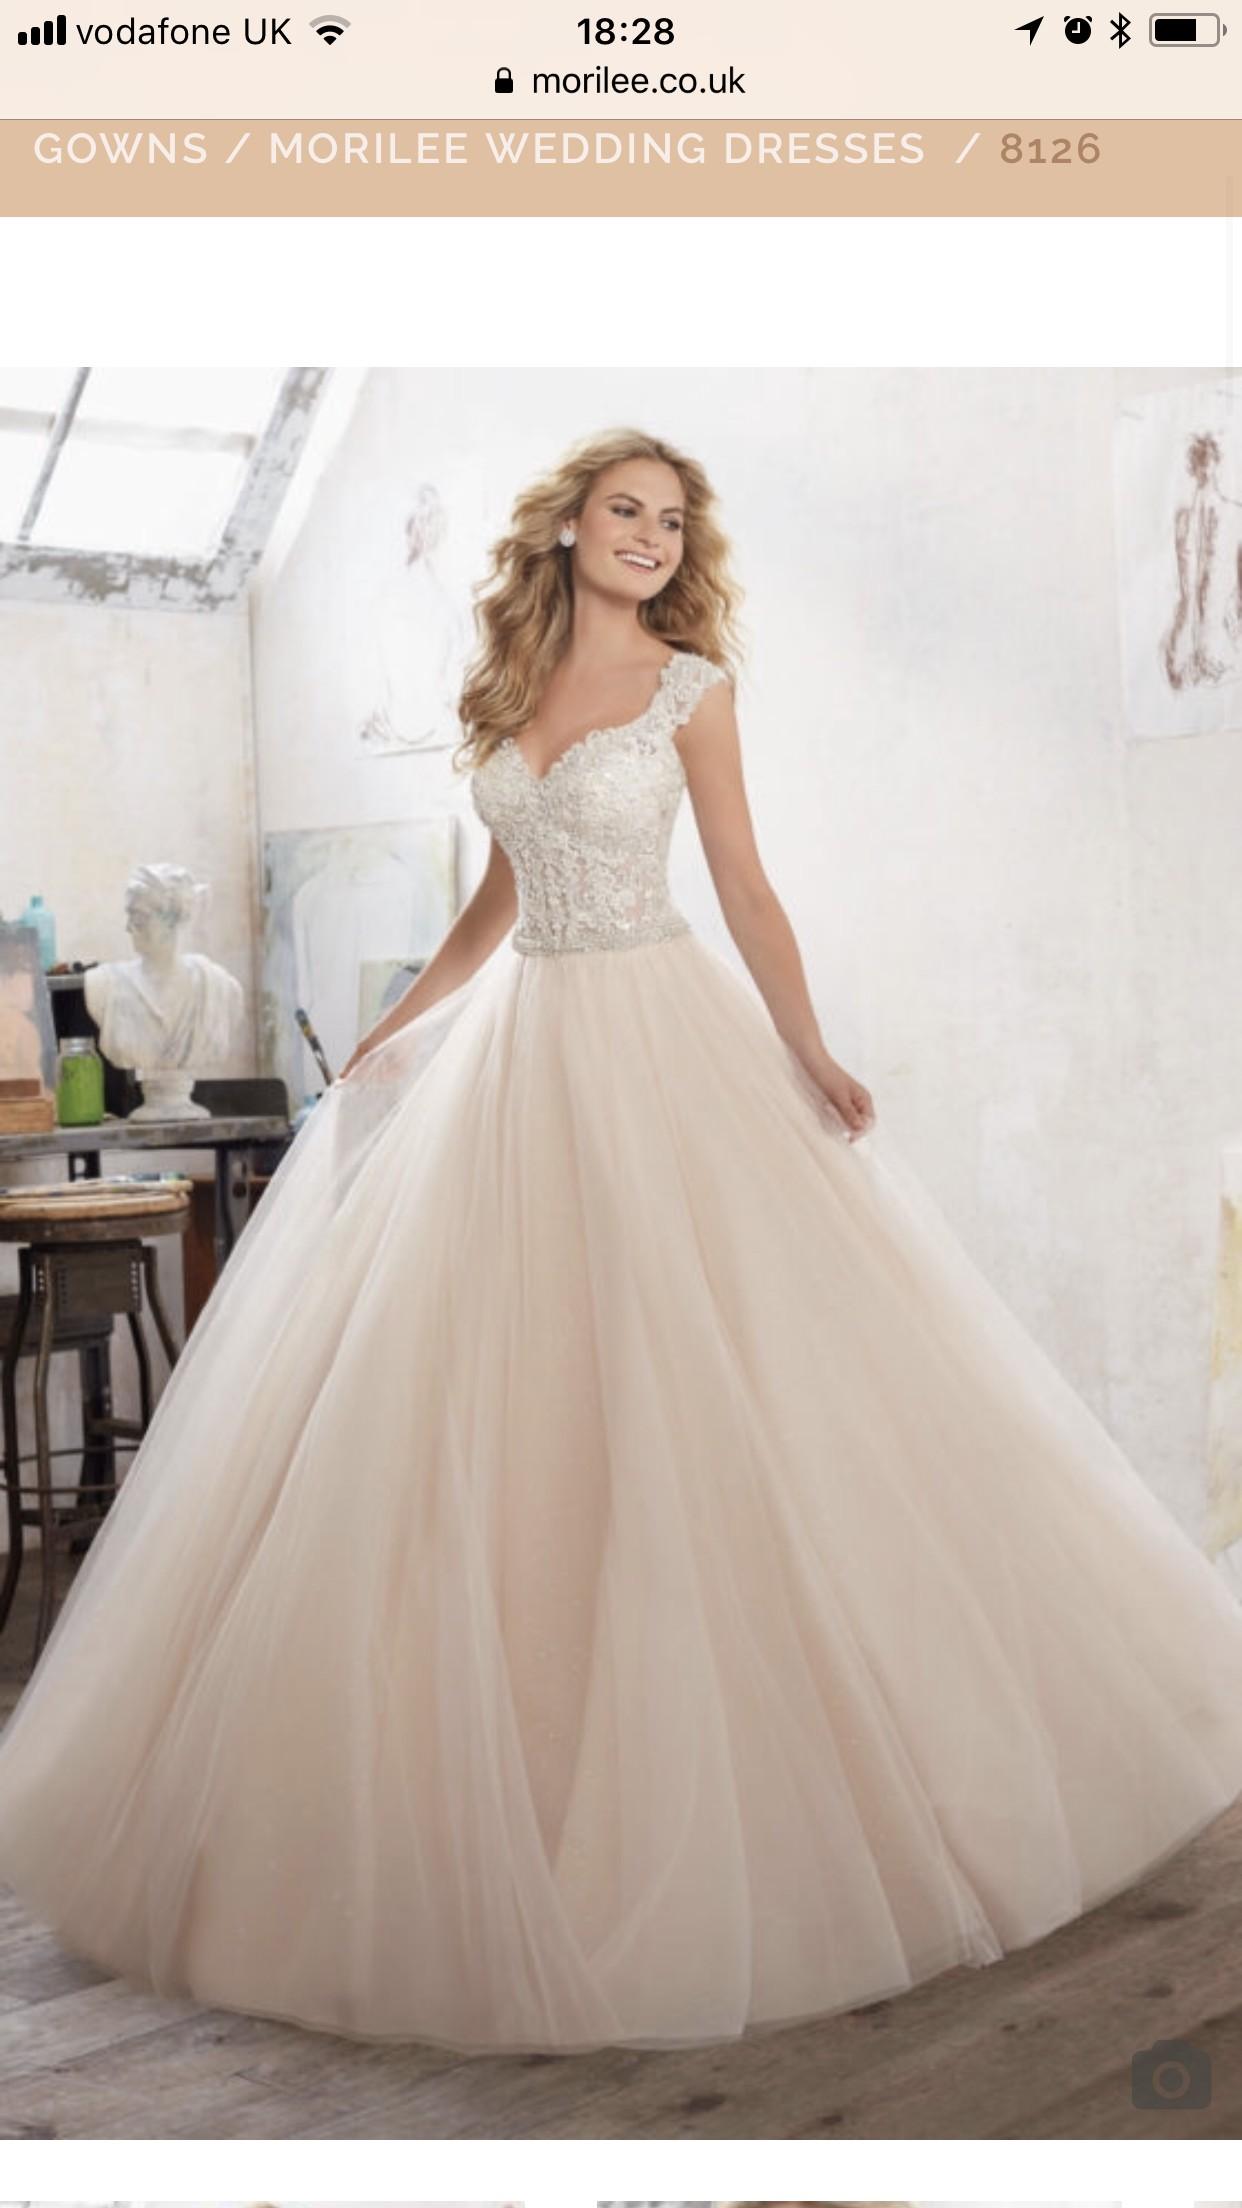 Morilee Wedding Dresses.Morilee 8126 Marigold Wedding Dress On Sale 50 Off